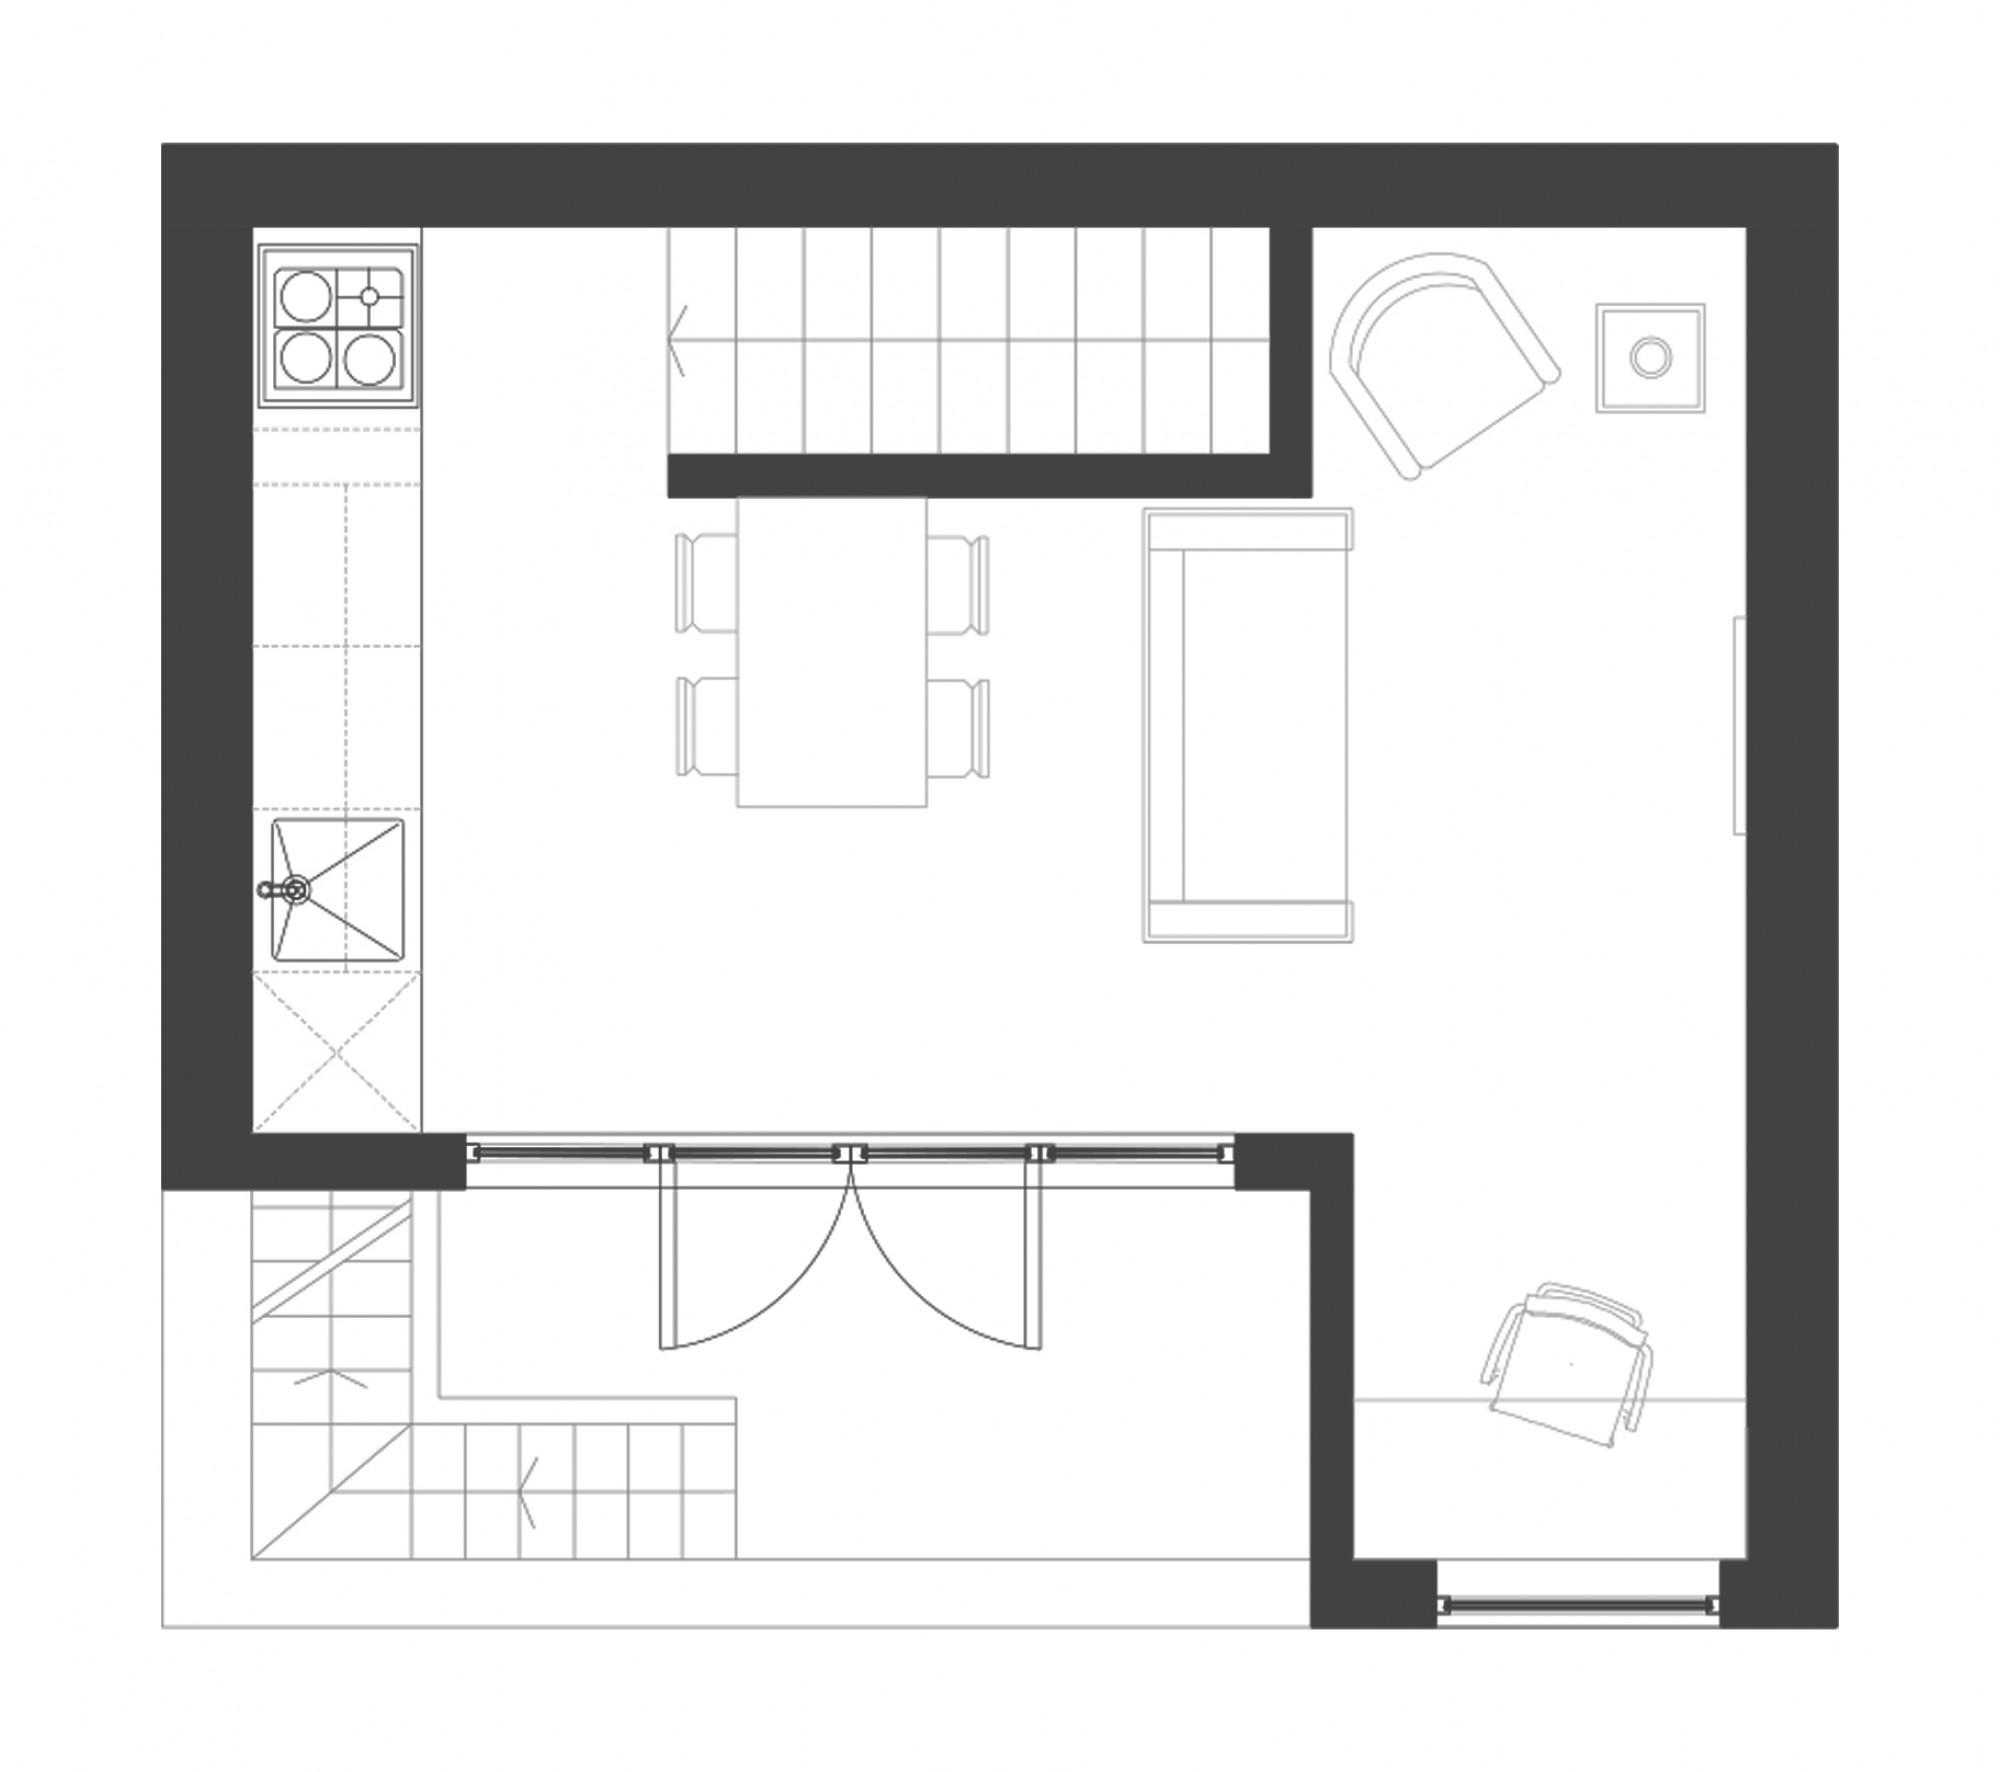 segundo Piso / Second Floor